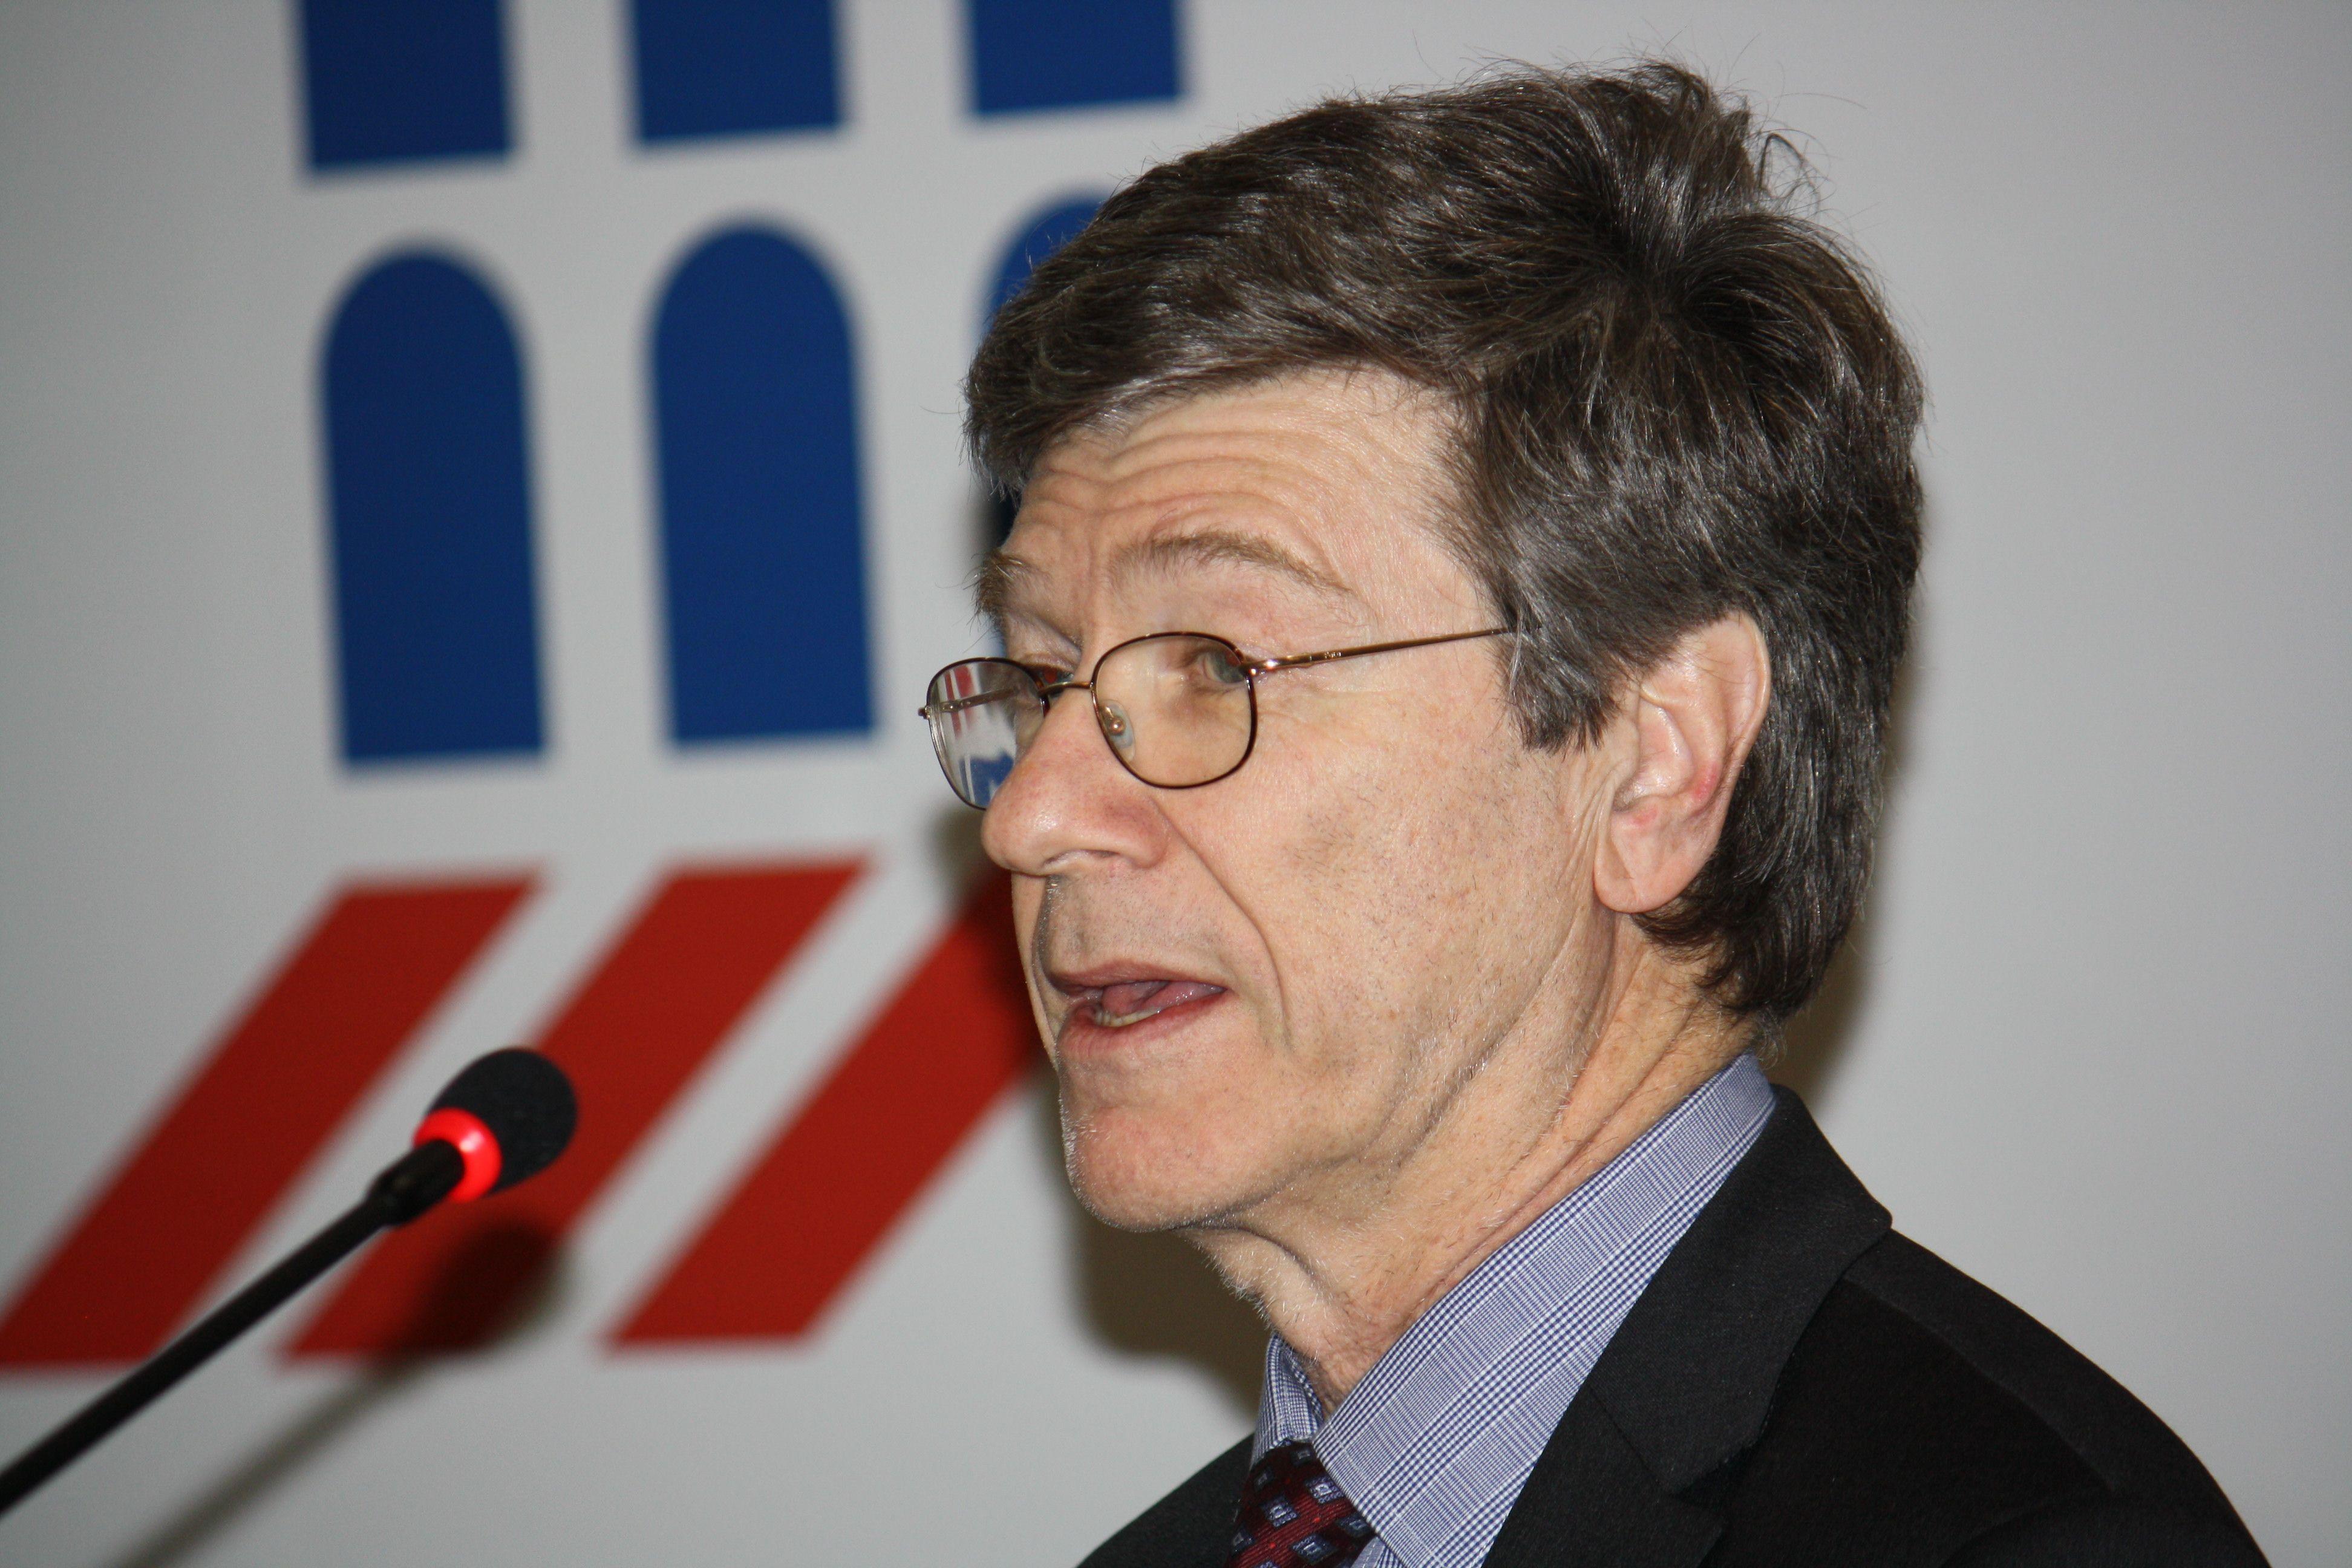 Jeffrey Sachs, economista e saggista statunitense. È direttore dell'Earth Institute alla Columbia University (NY)